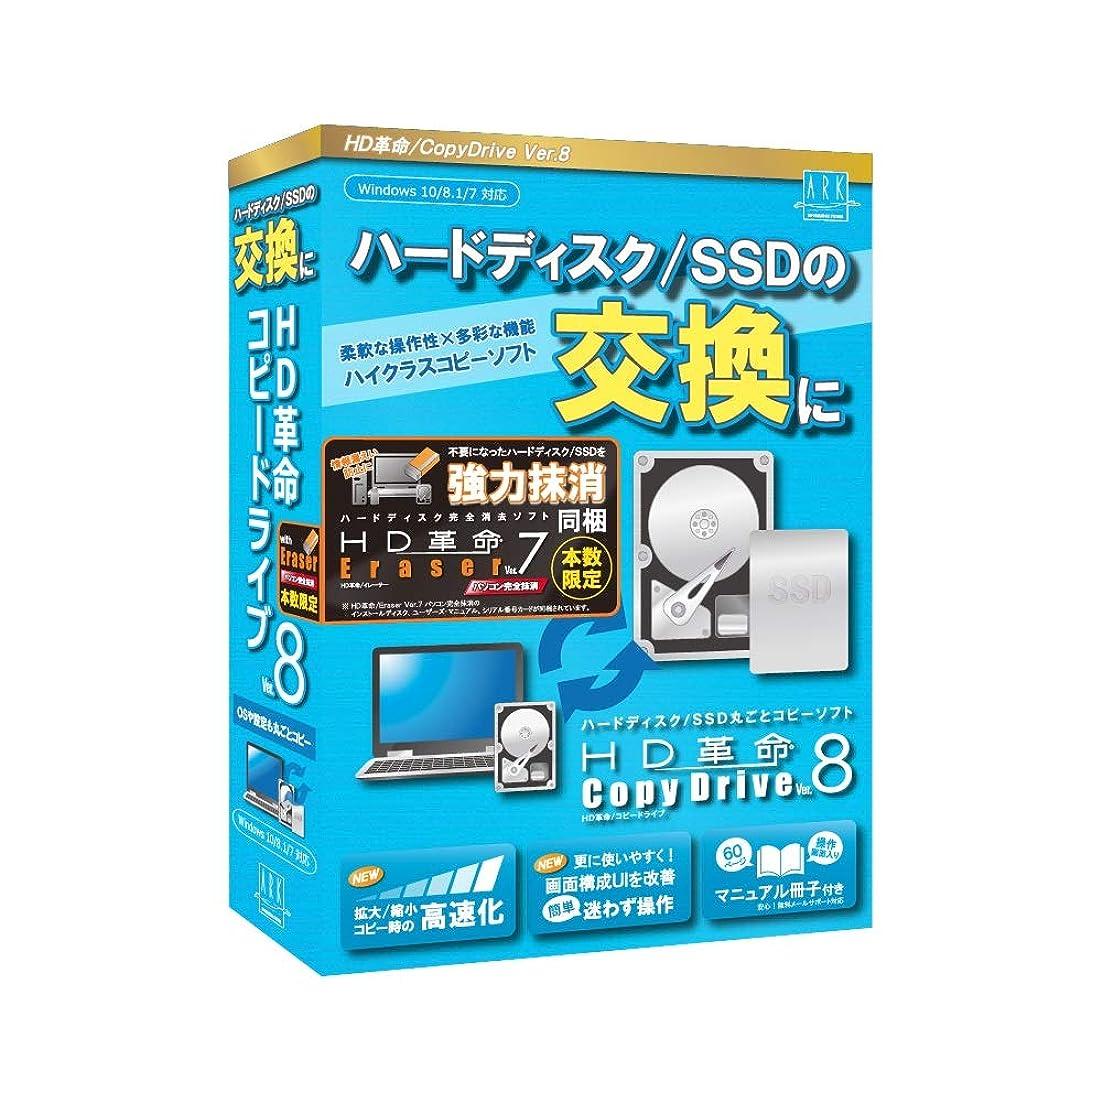 クレーン潤滑する枕【本数限定】HD革命/CopyDrive_Ver.8 with Eraser/ハードディスク/SSD入れ替え/交換/データ消去/情報漏えい対策/抹消ソフト